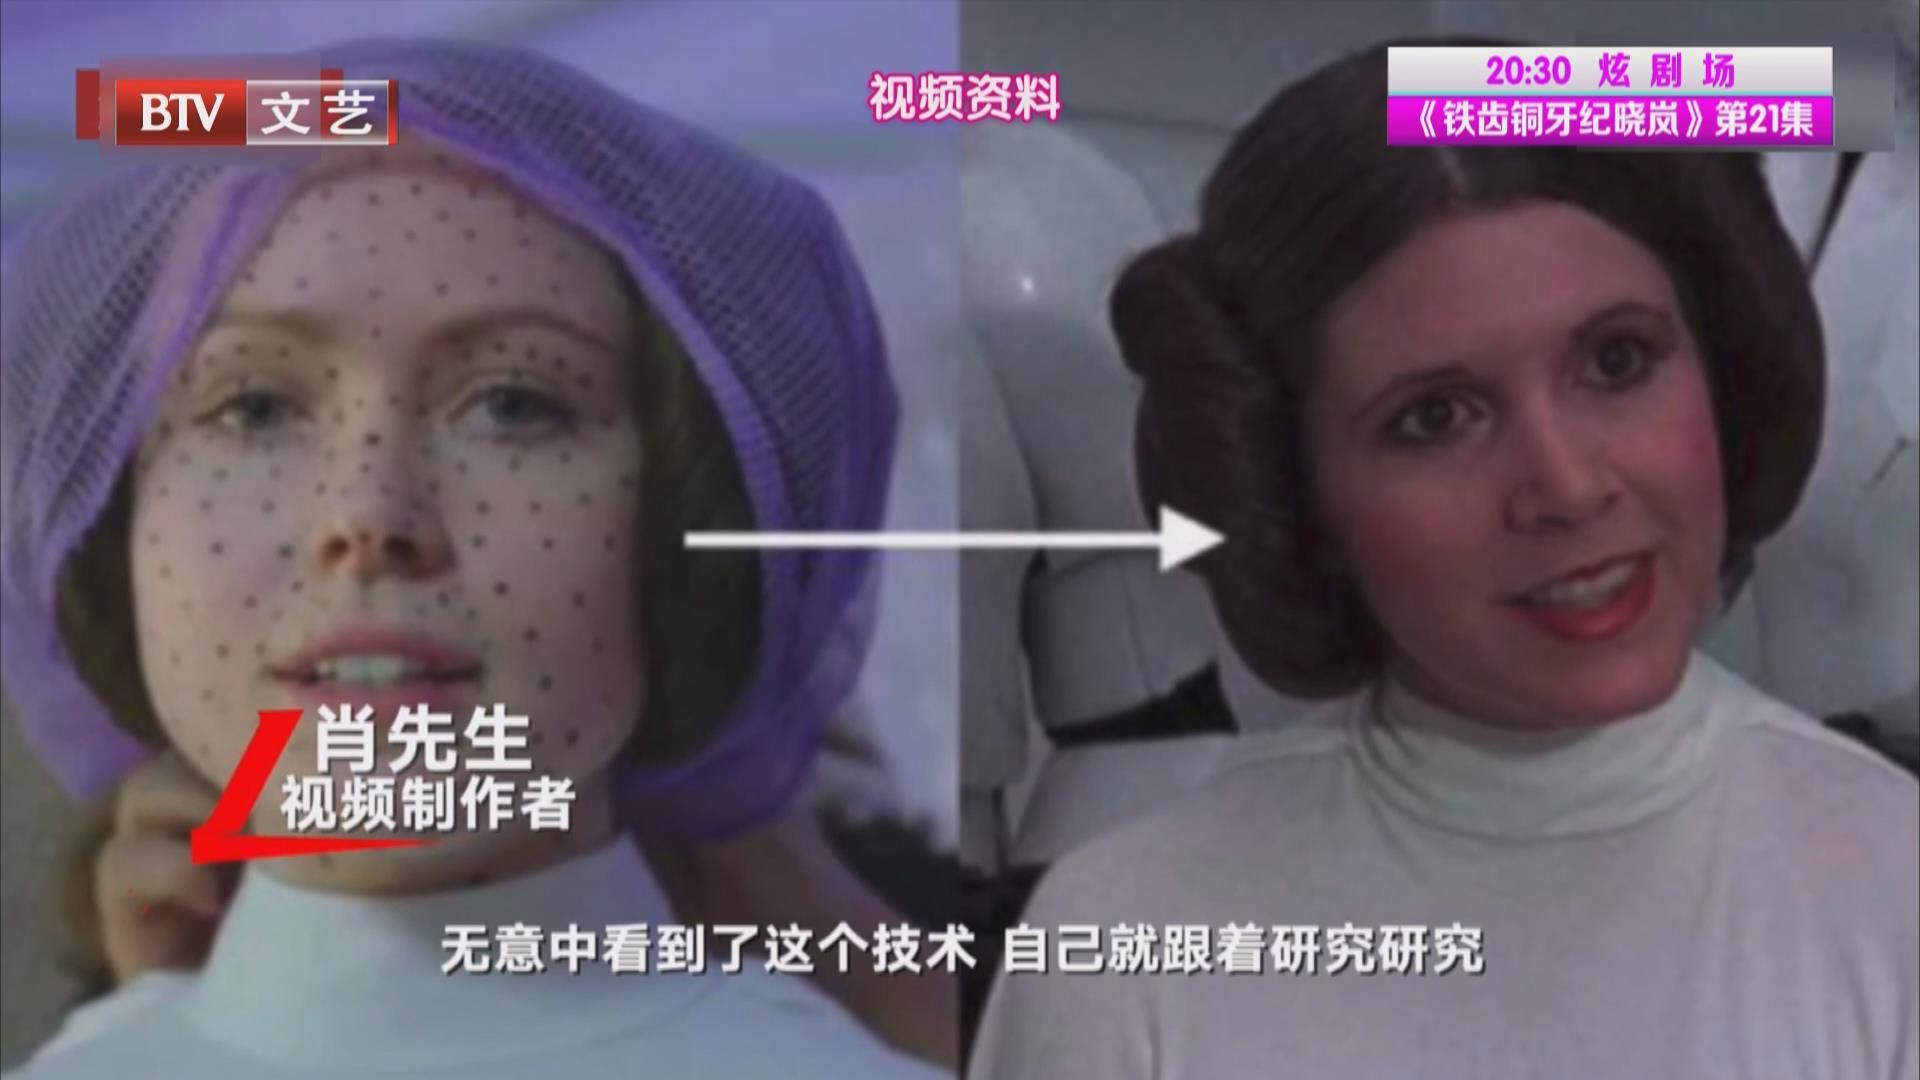 """AI技术 """"换脸""""引发肖像权大讨论"""